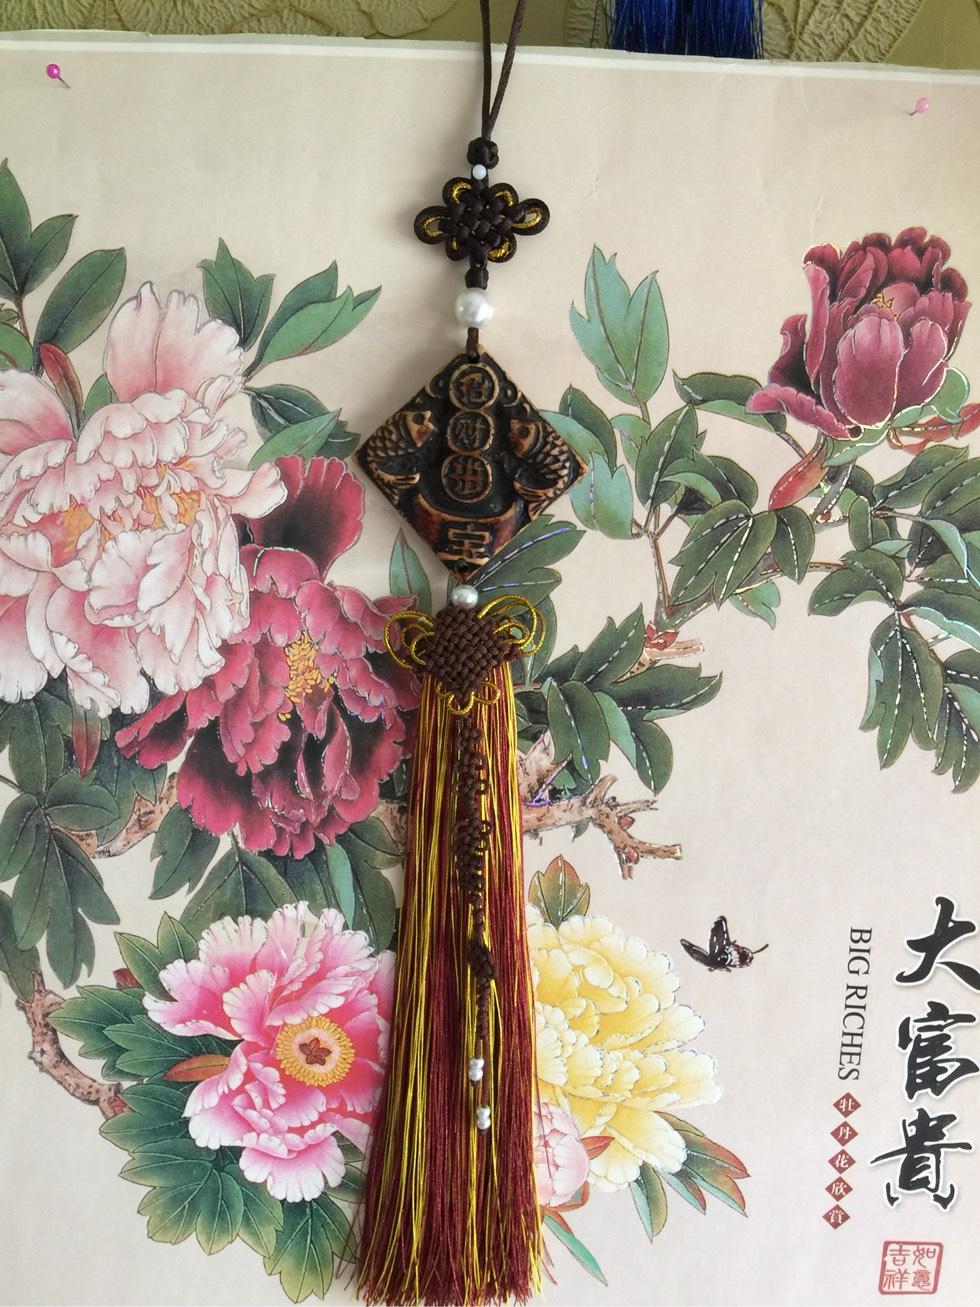 中国结论坛 旧物改造  作品展示 093310dxxmfldvaaaml8vu